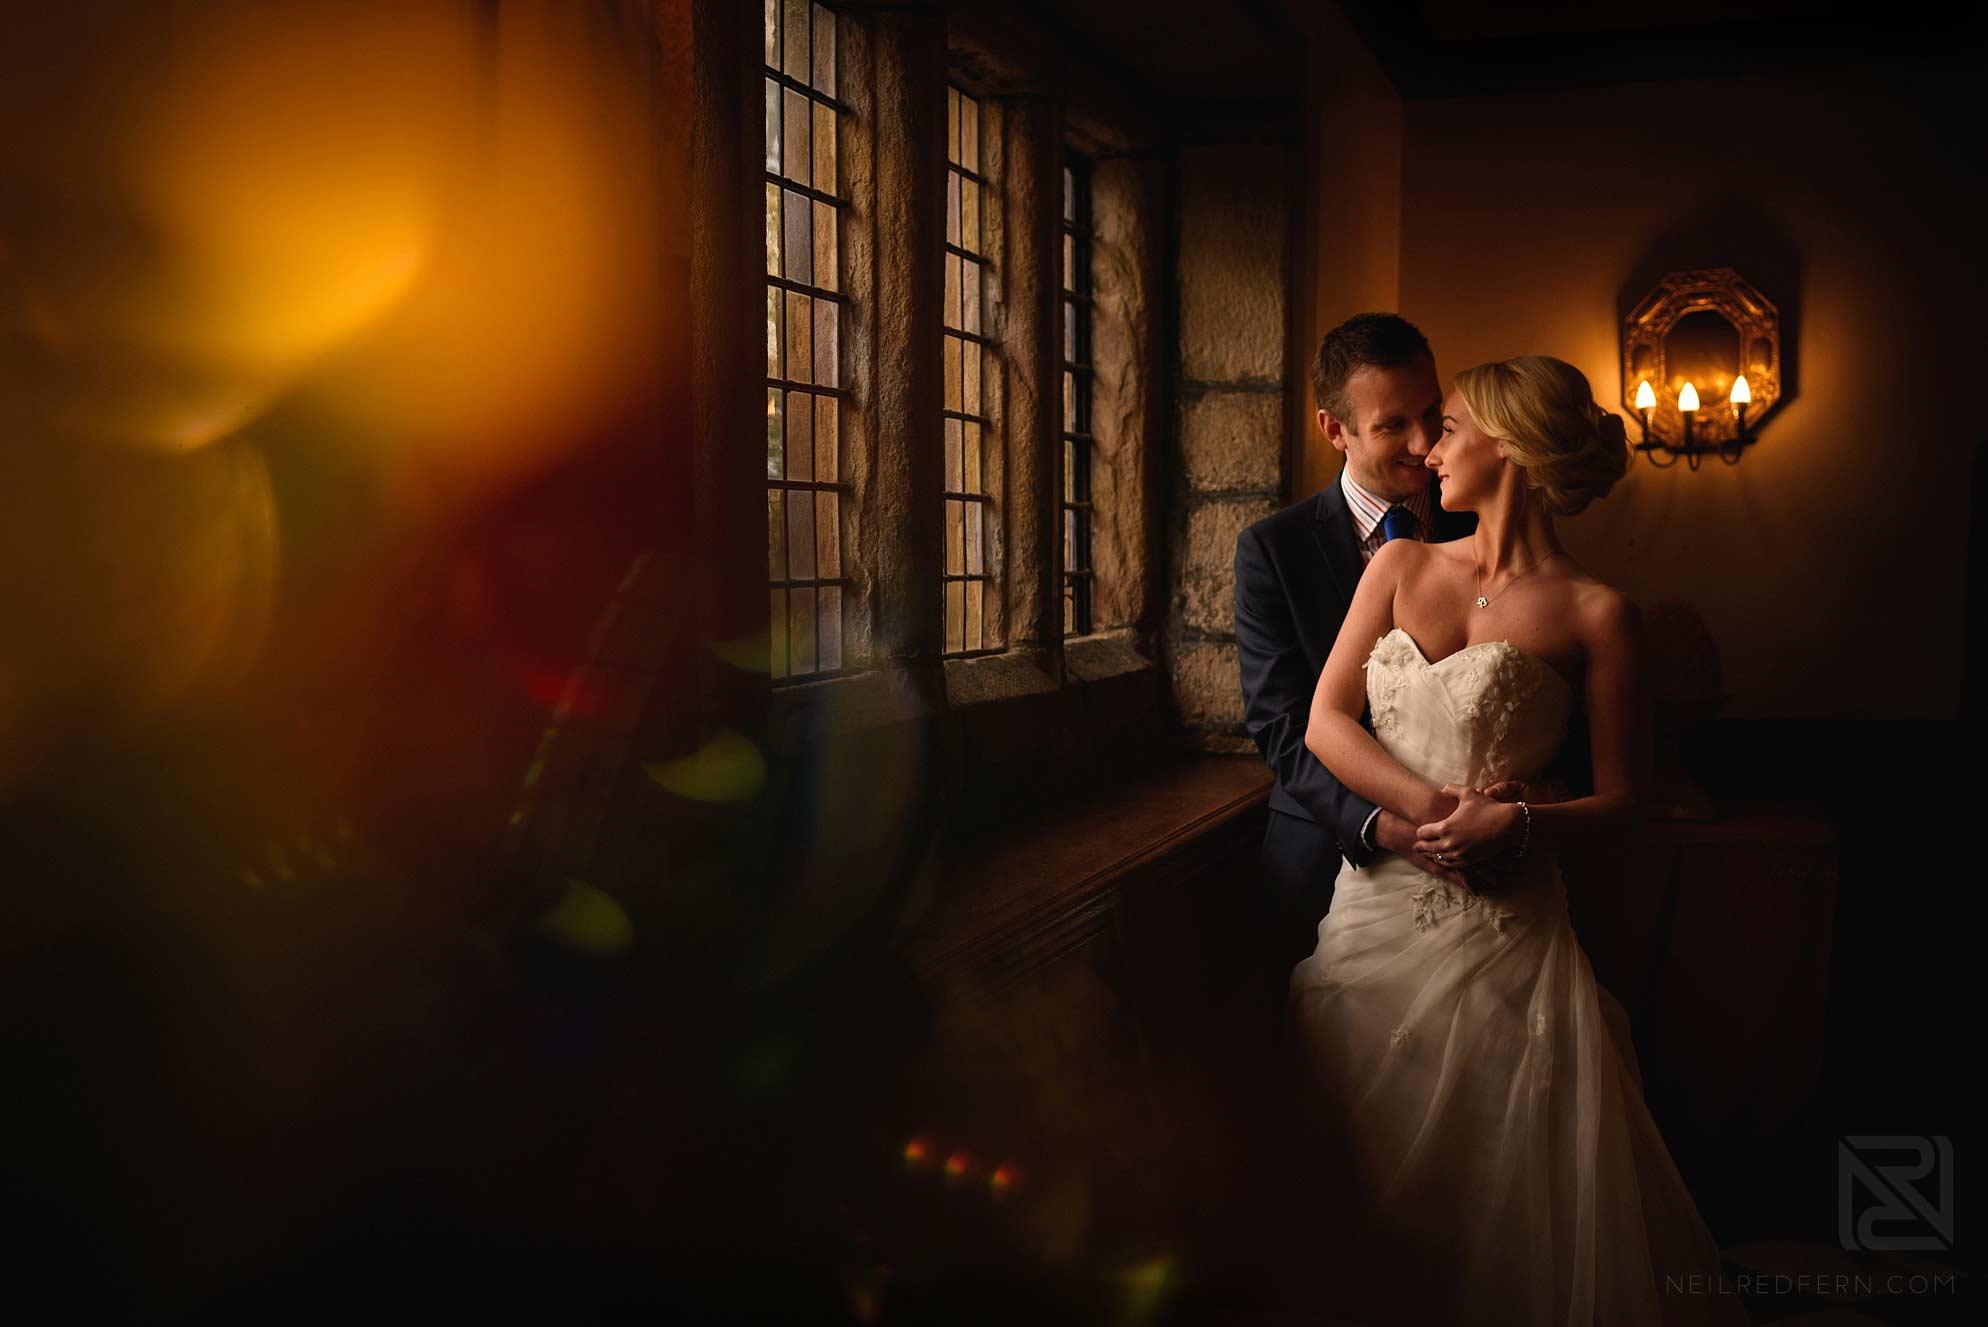 wedding-photography-training-5